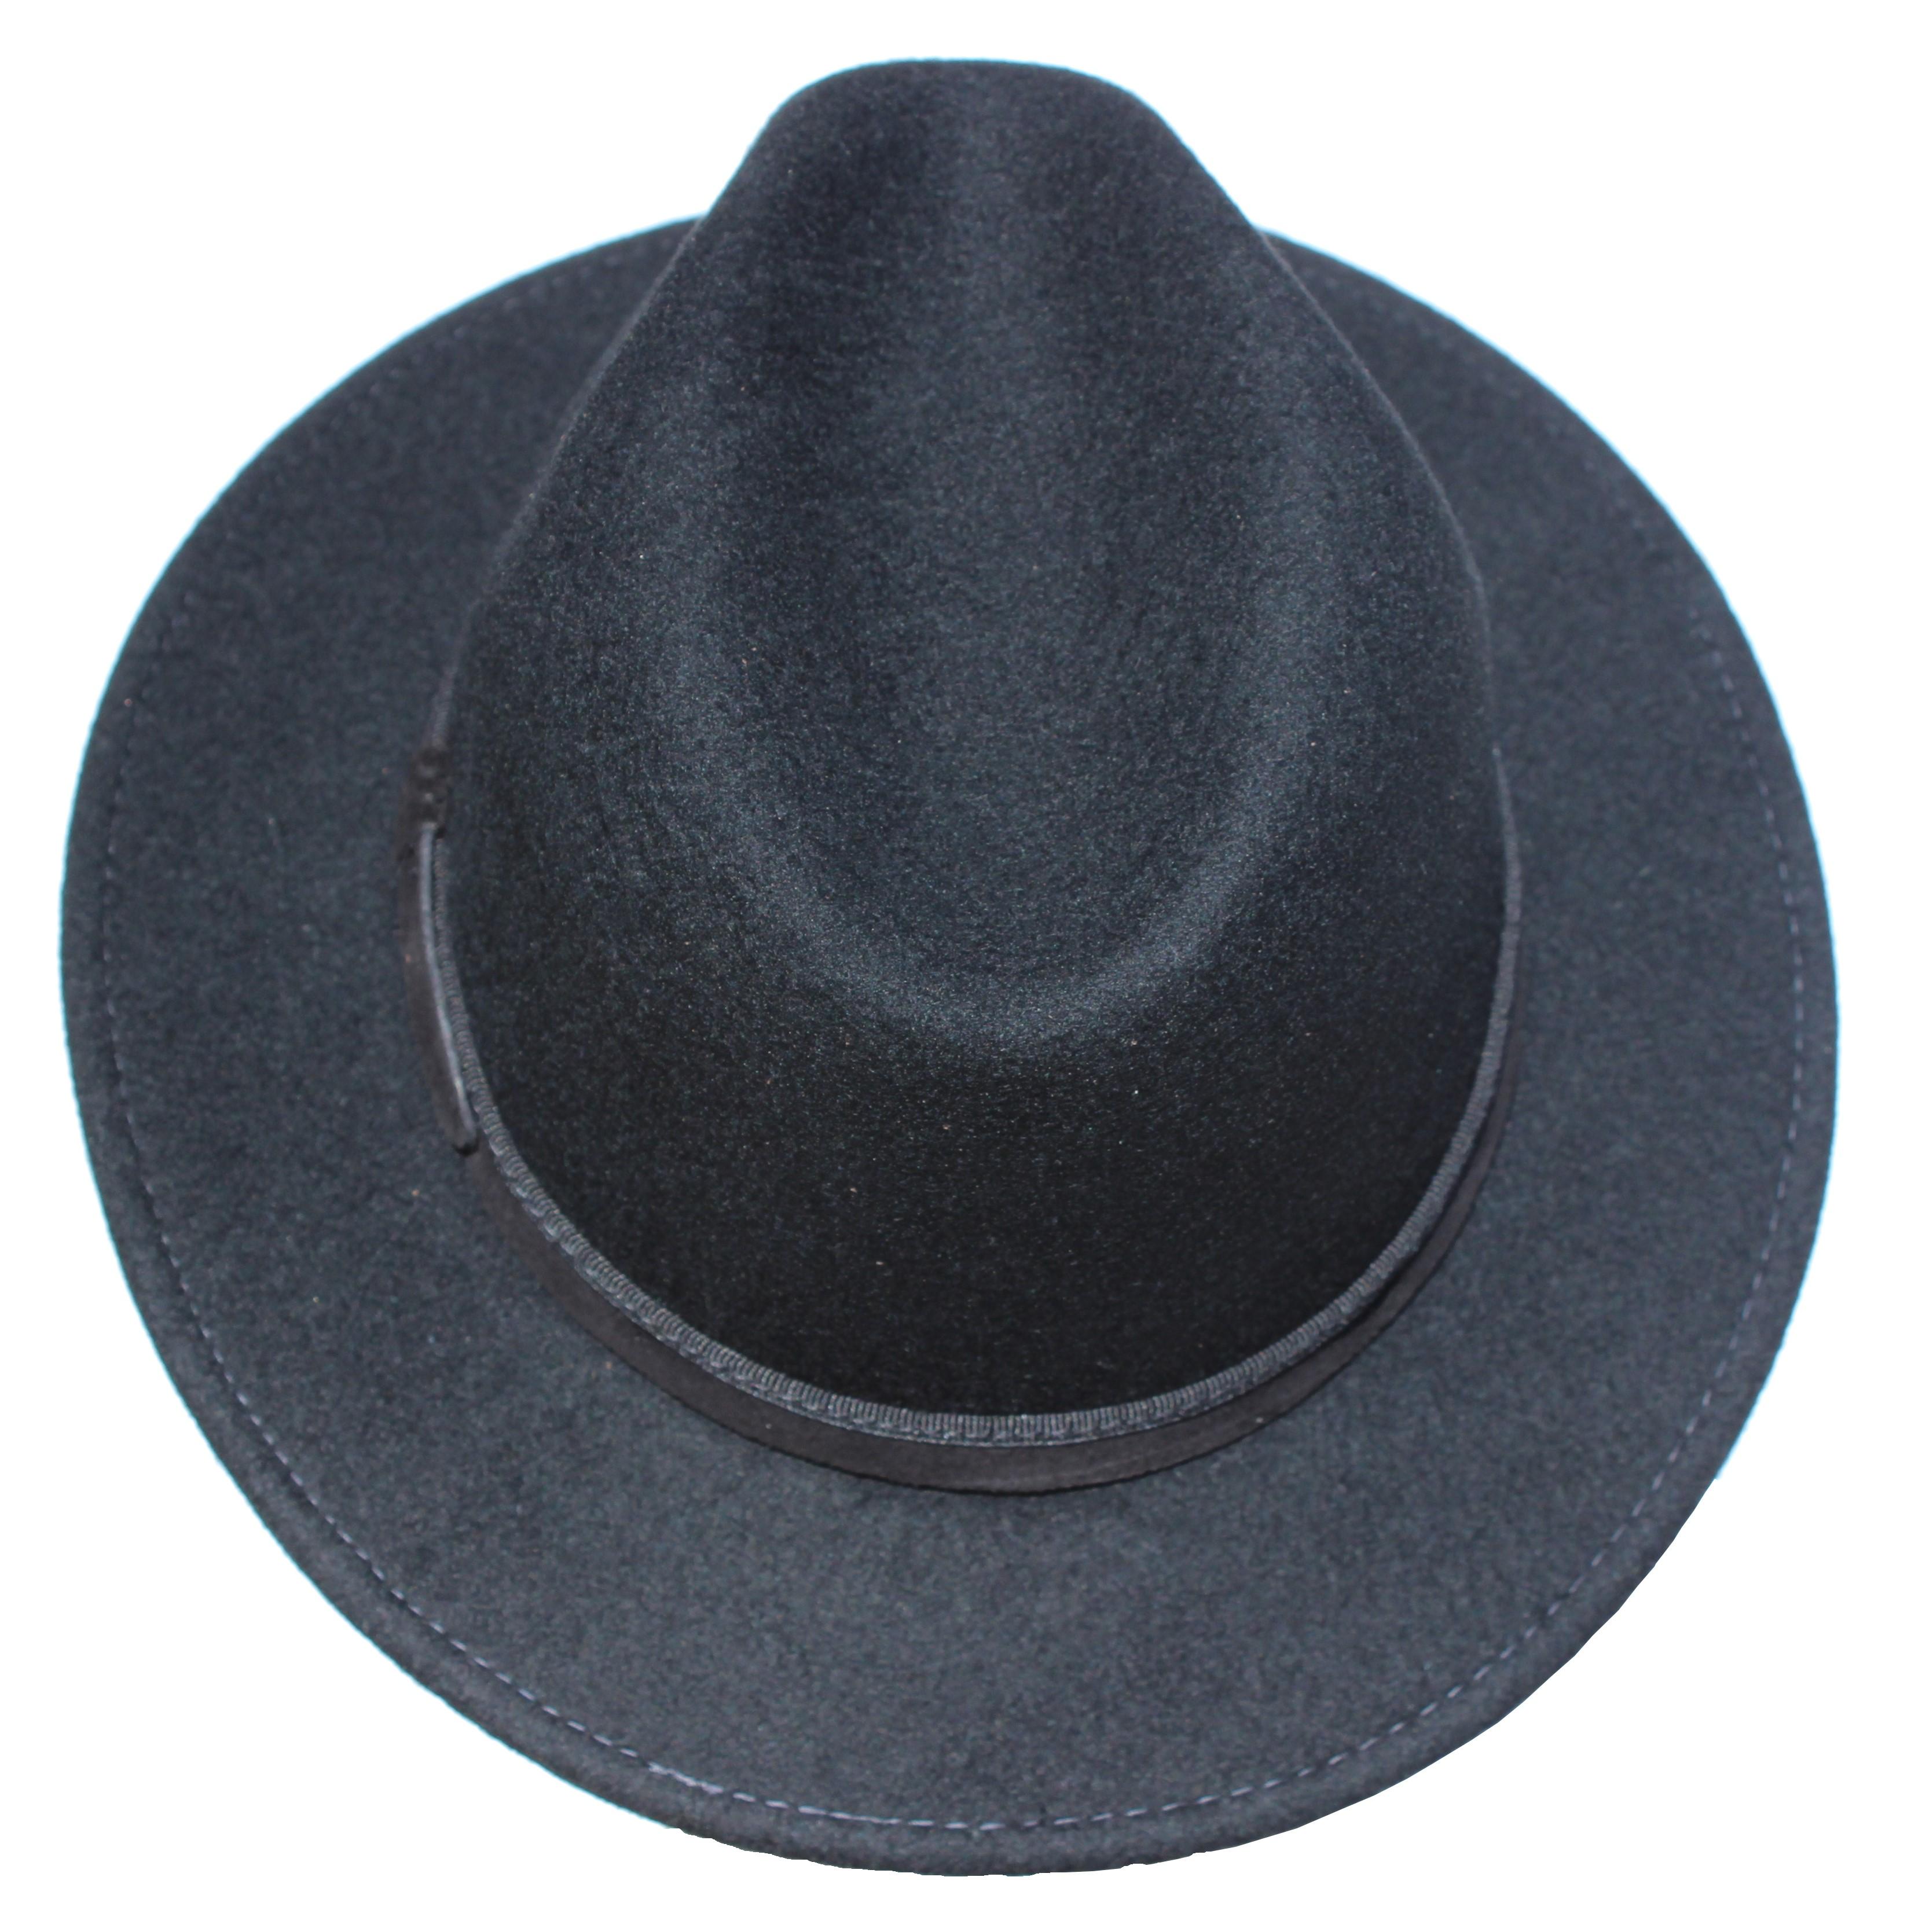 chapeau feutre 100% laine - Manco - made in Italie Noir